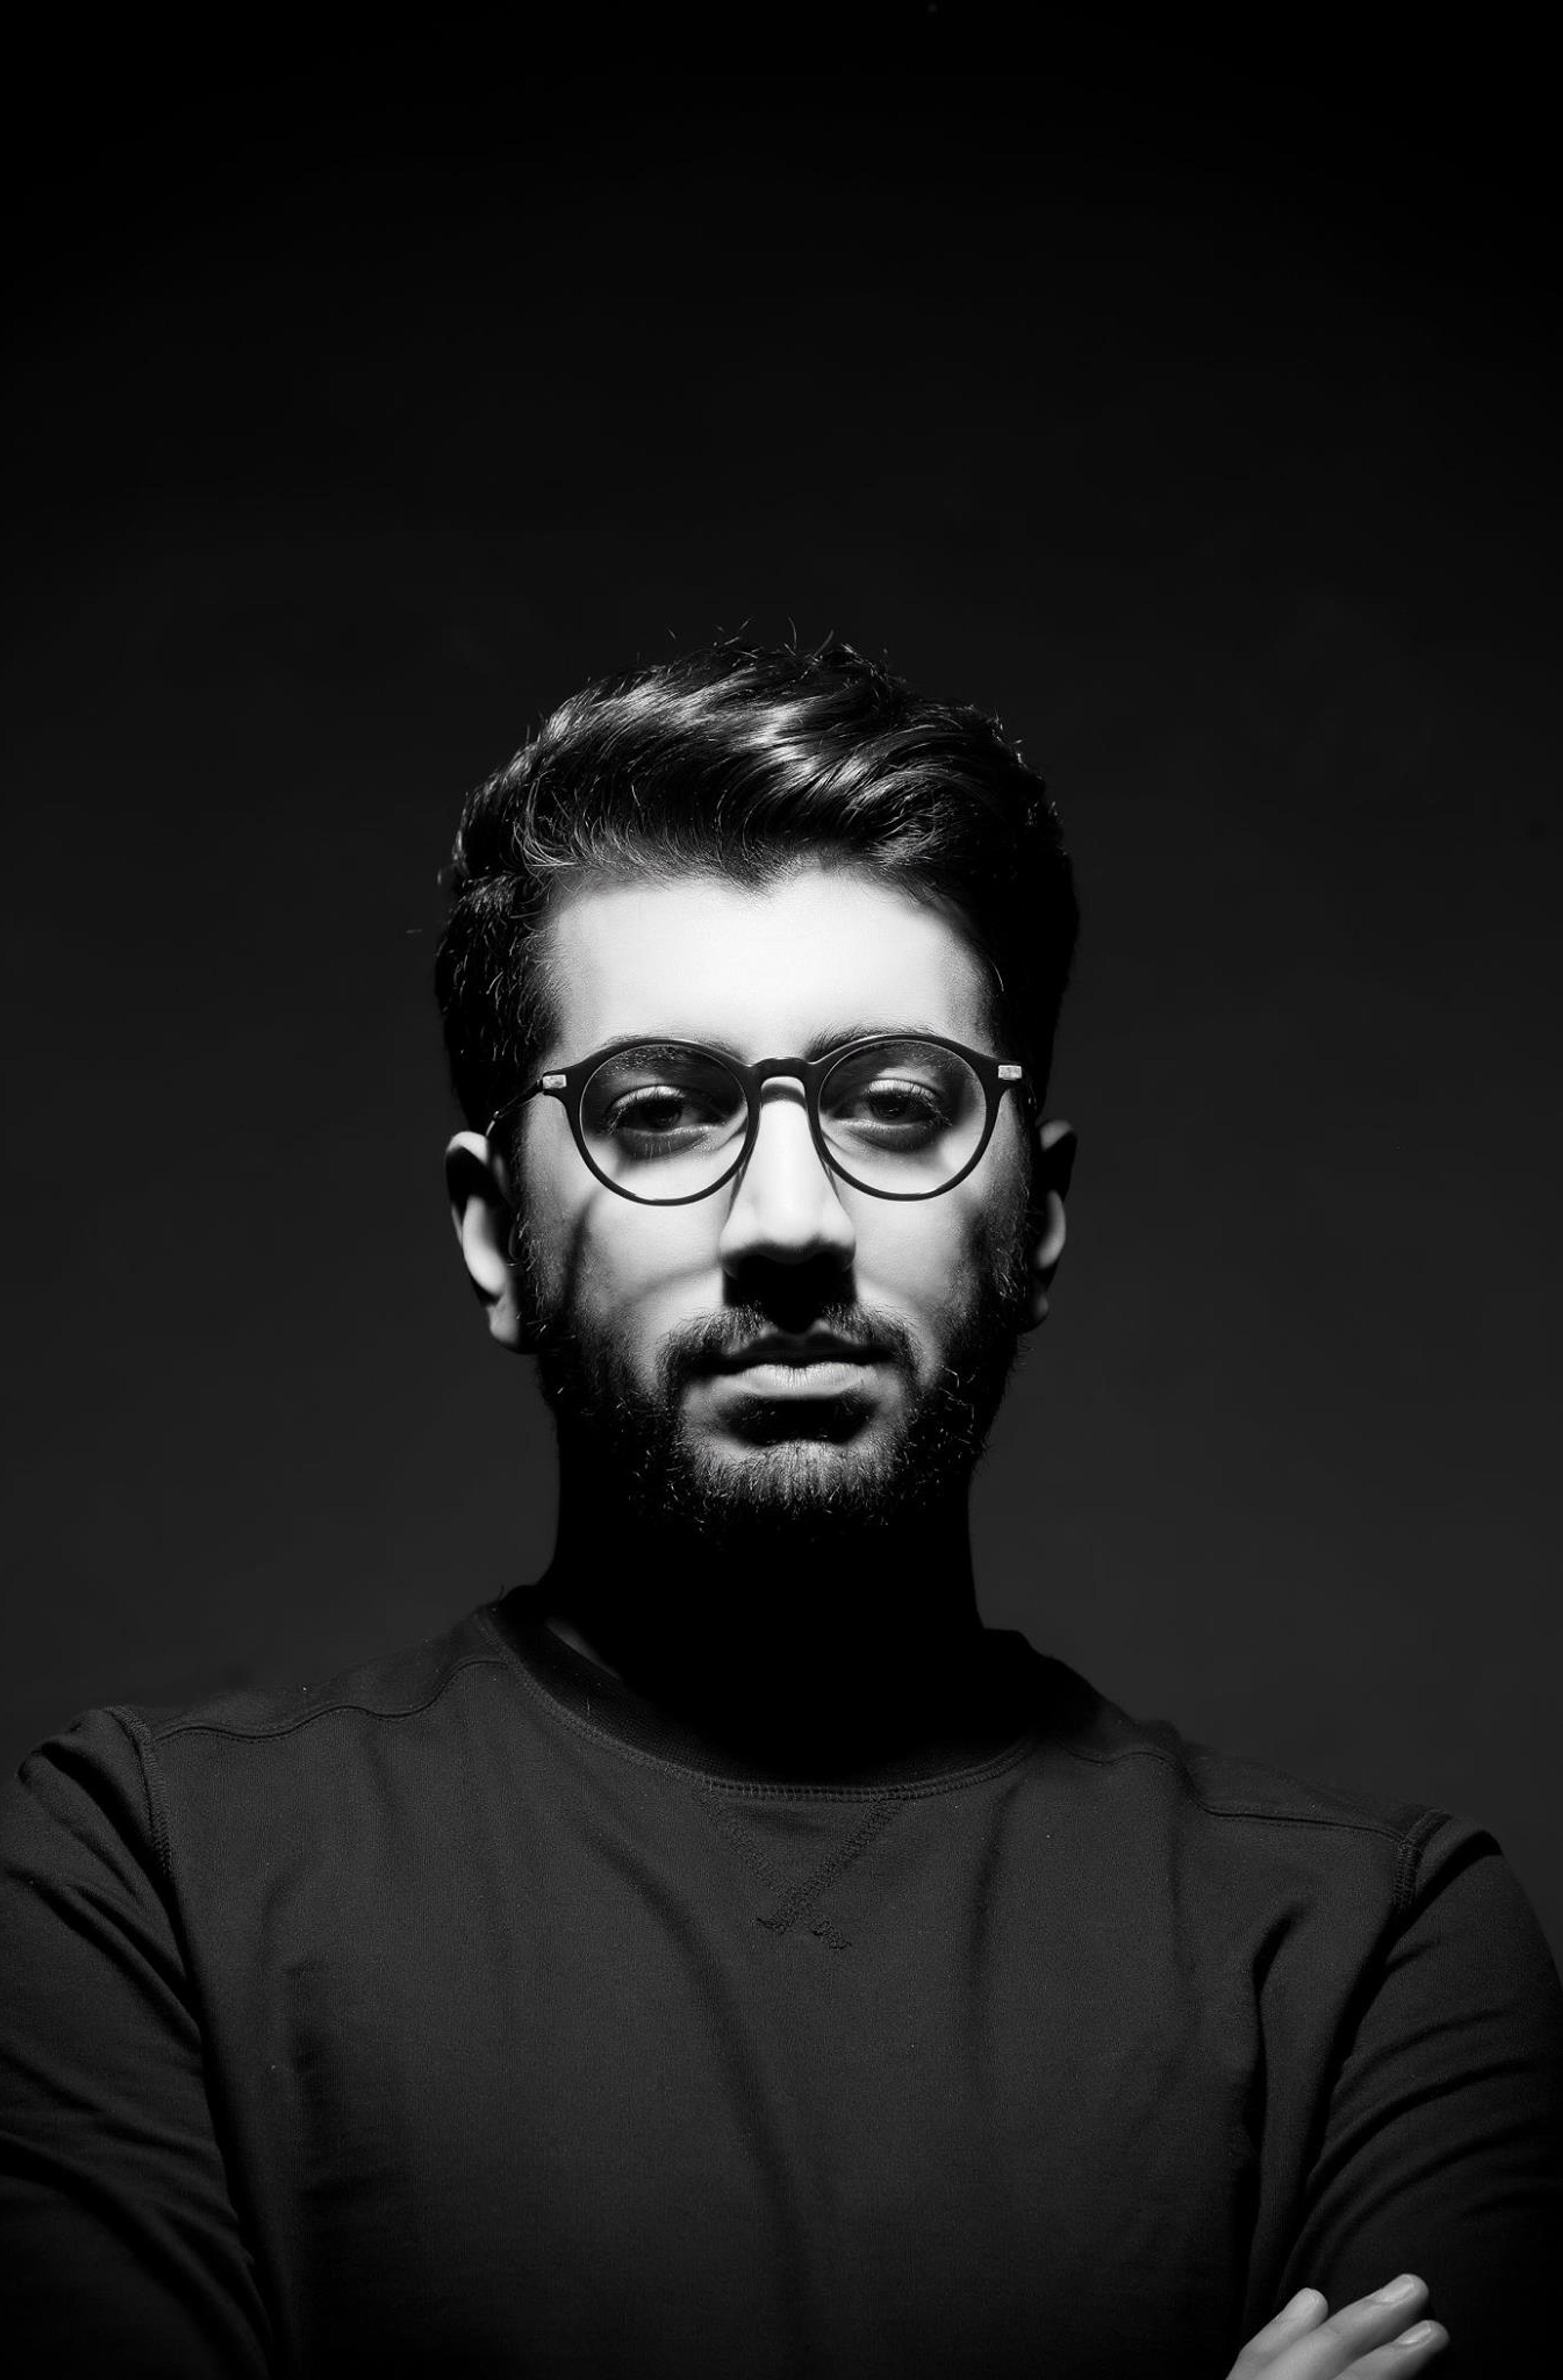 Portraitfoto von Farzin Foroutan in schwarz-weiß